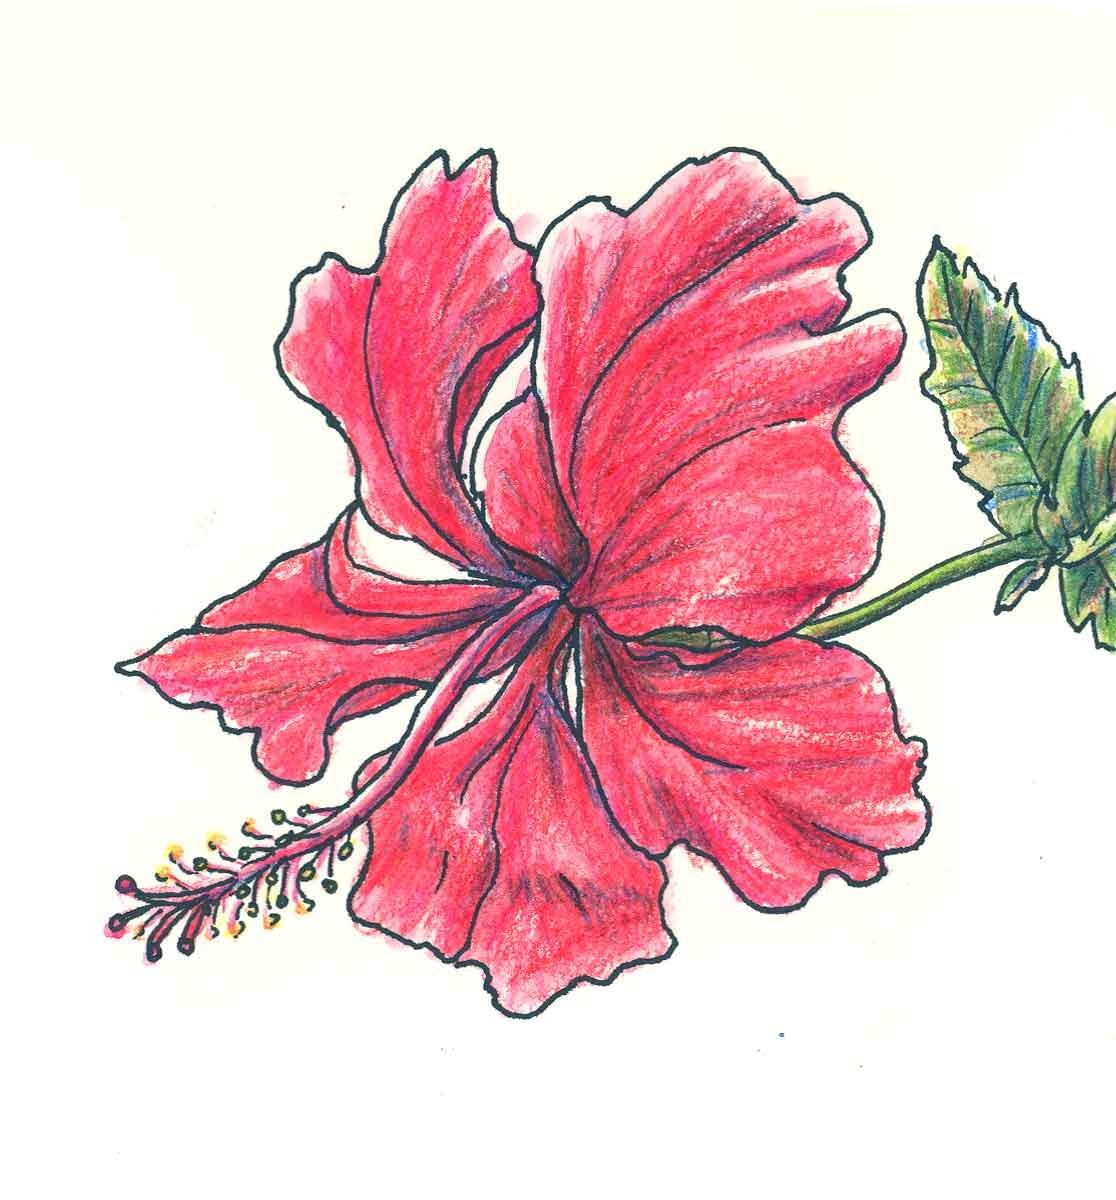 так фото цветы срисовать бродерик известный американский